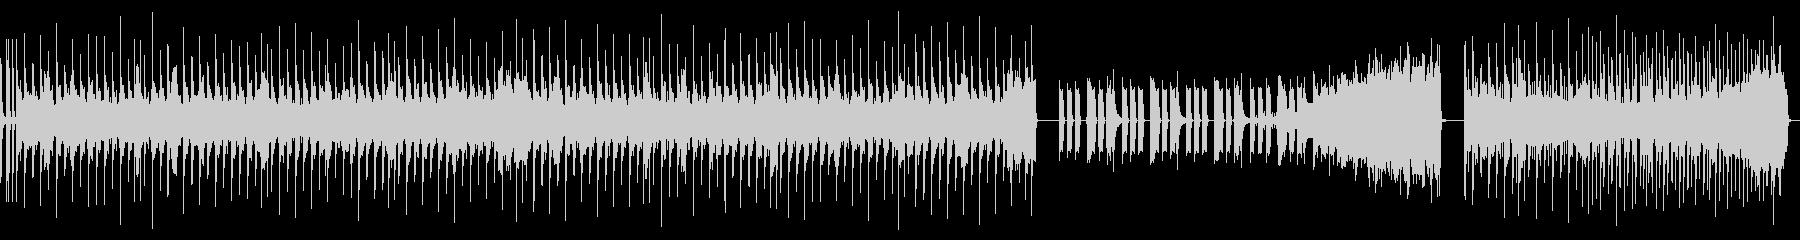 犬好き。キャッチーなピアノフックが...の未再生の波形